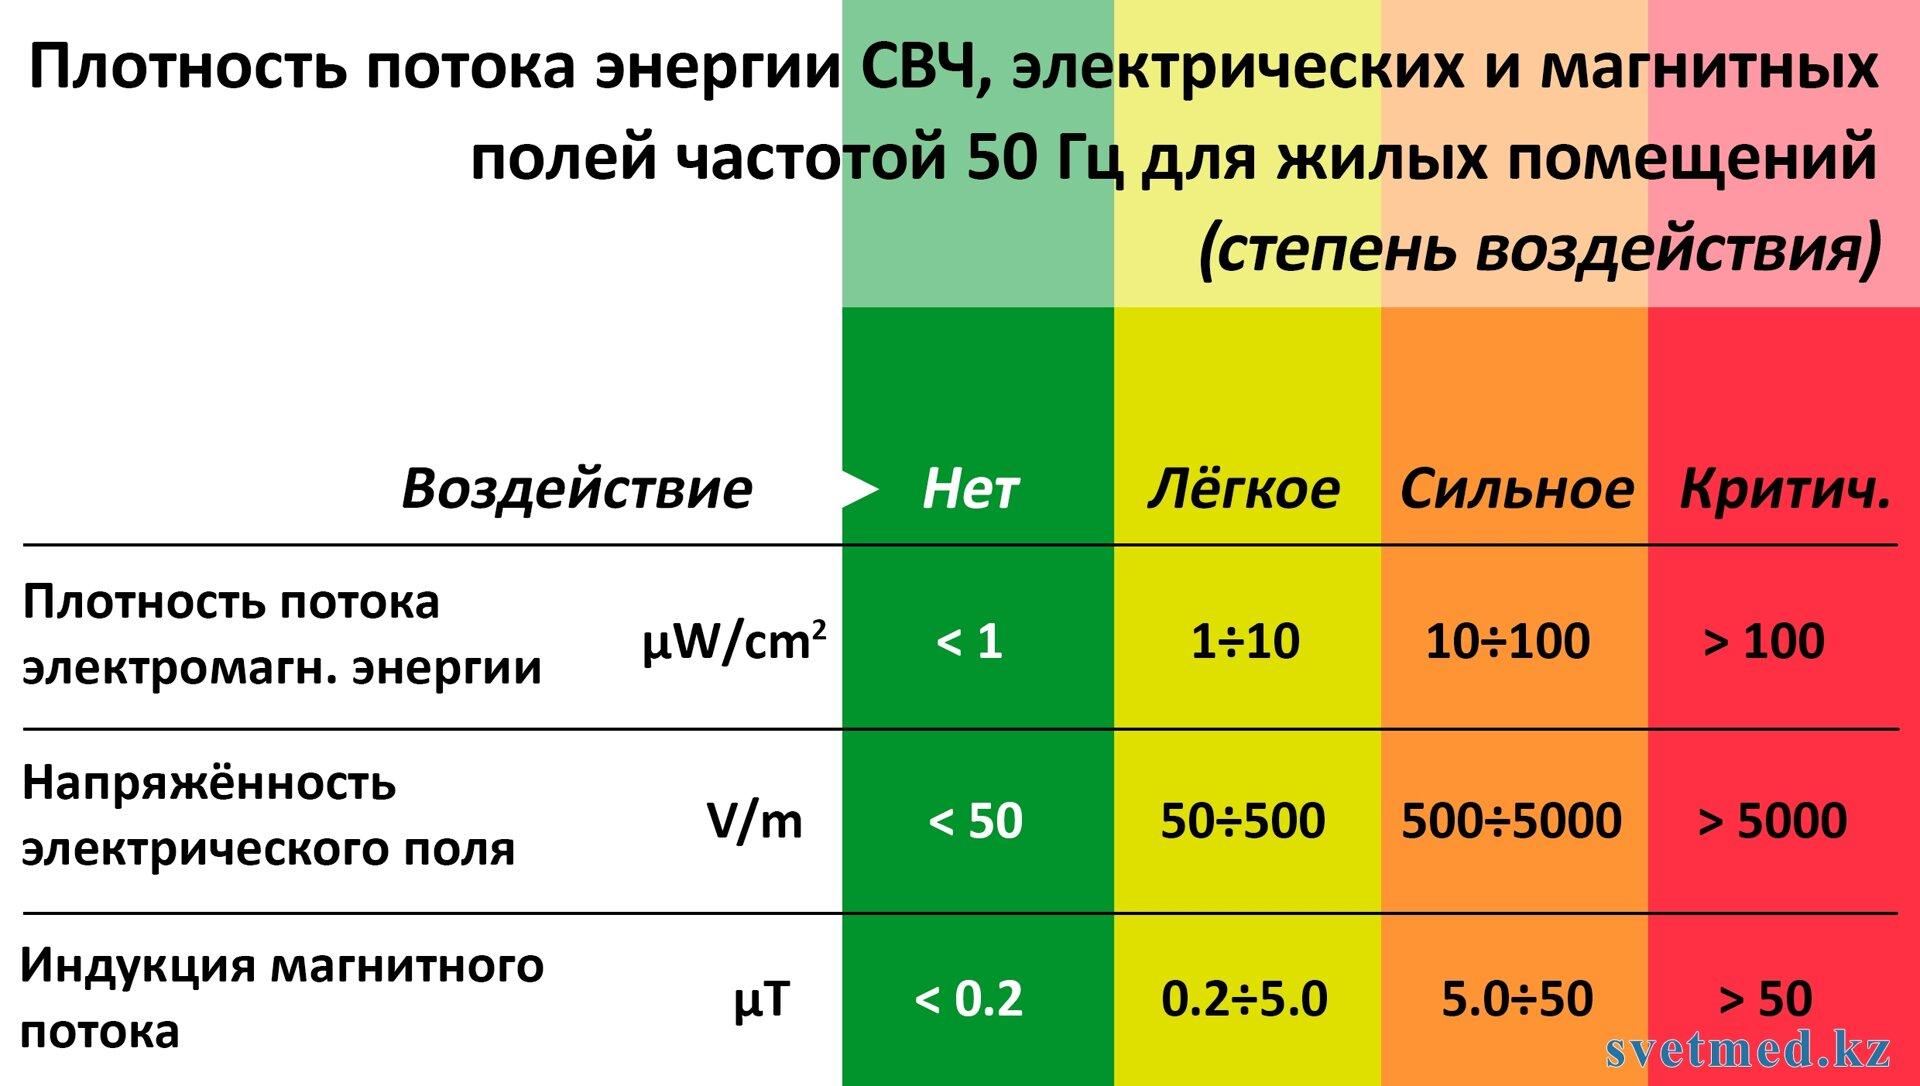 электромагнитная безопасность